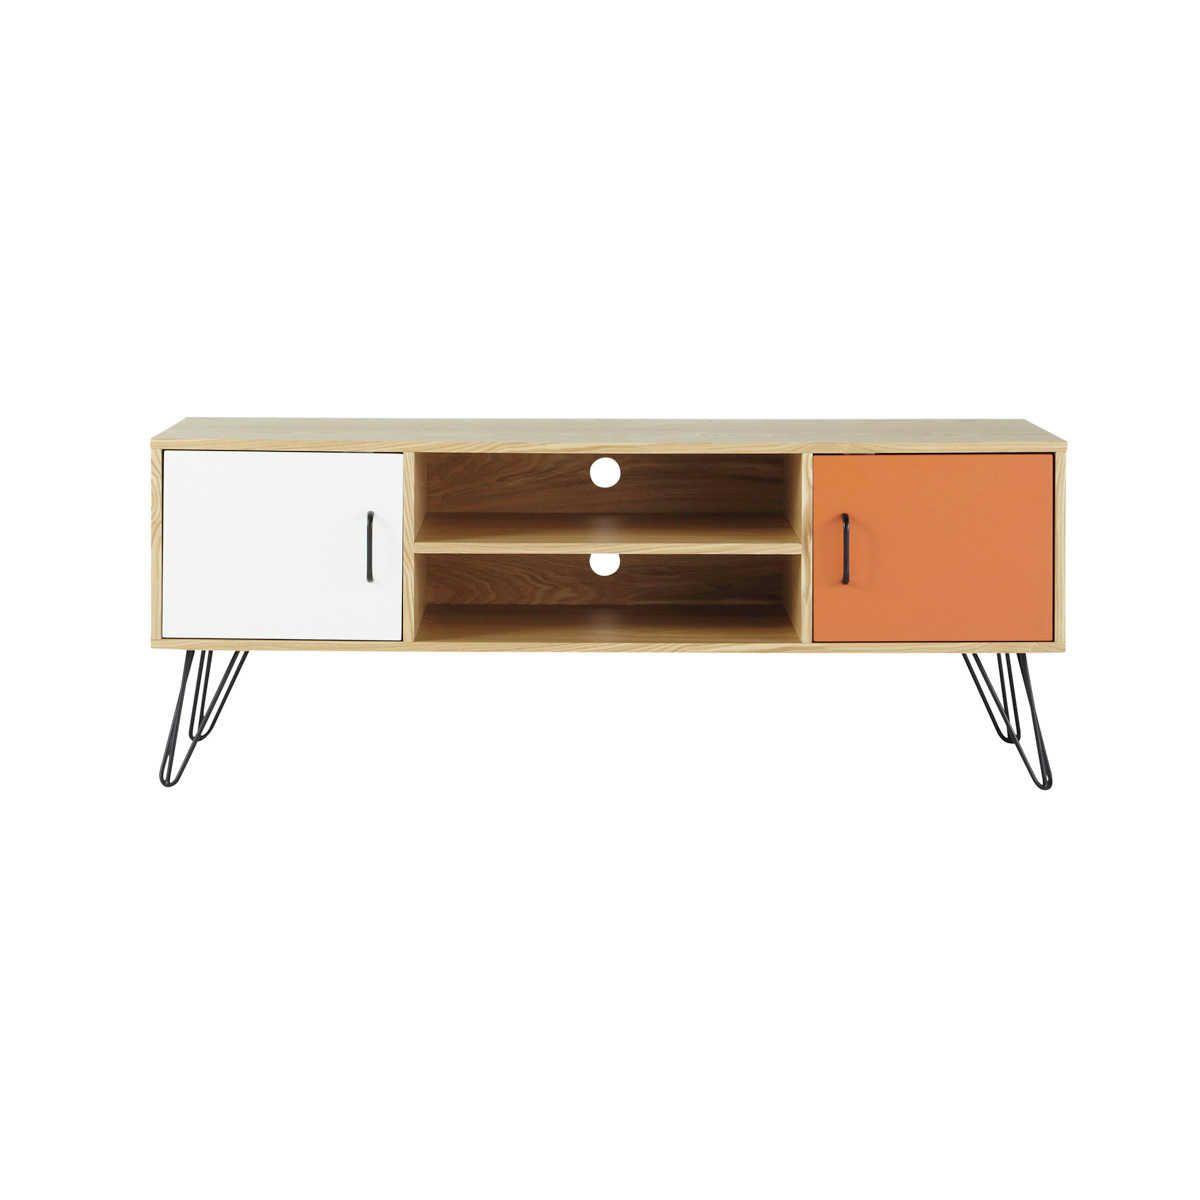 2-türiges TV-Lowboard im Vintage-Stil, weiß/orange | Wohnzimmer ...